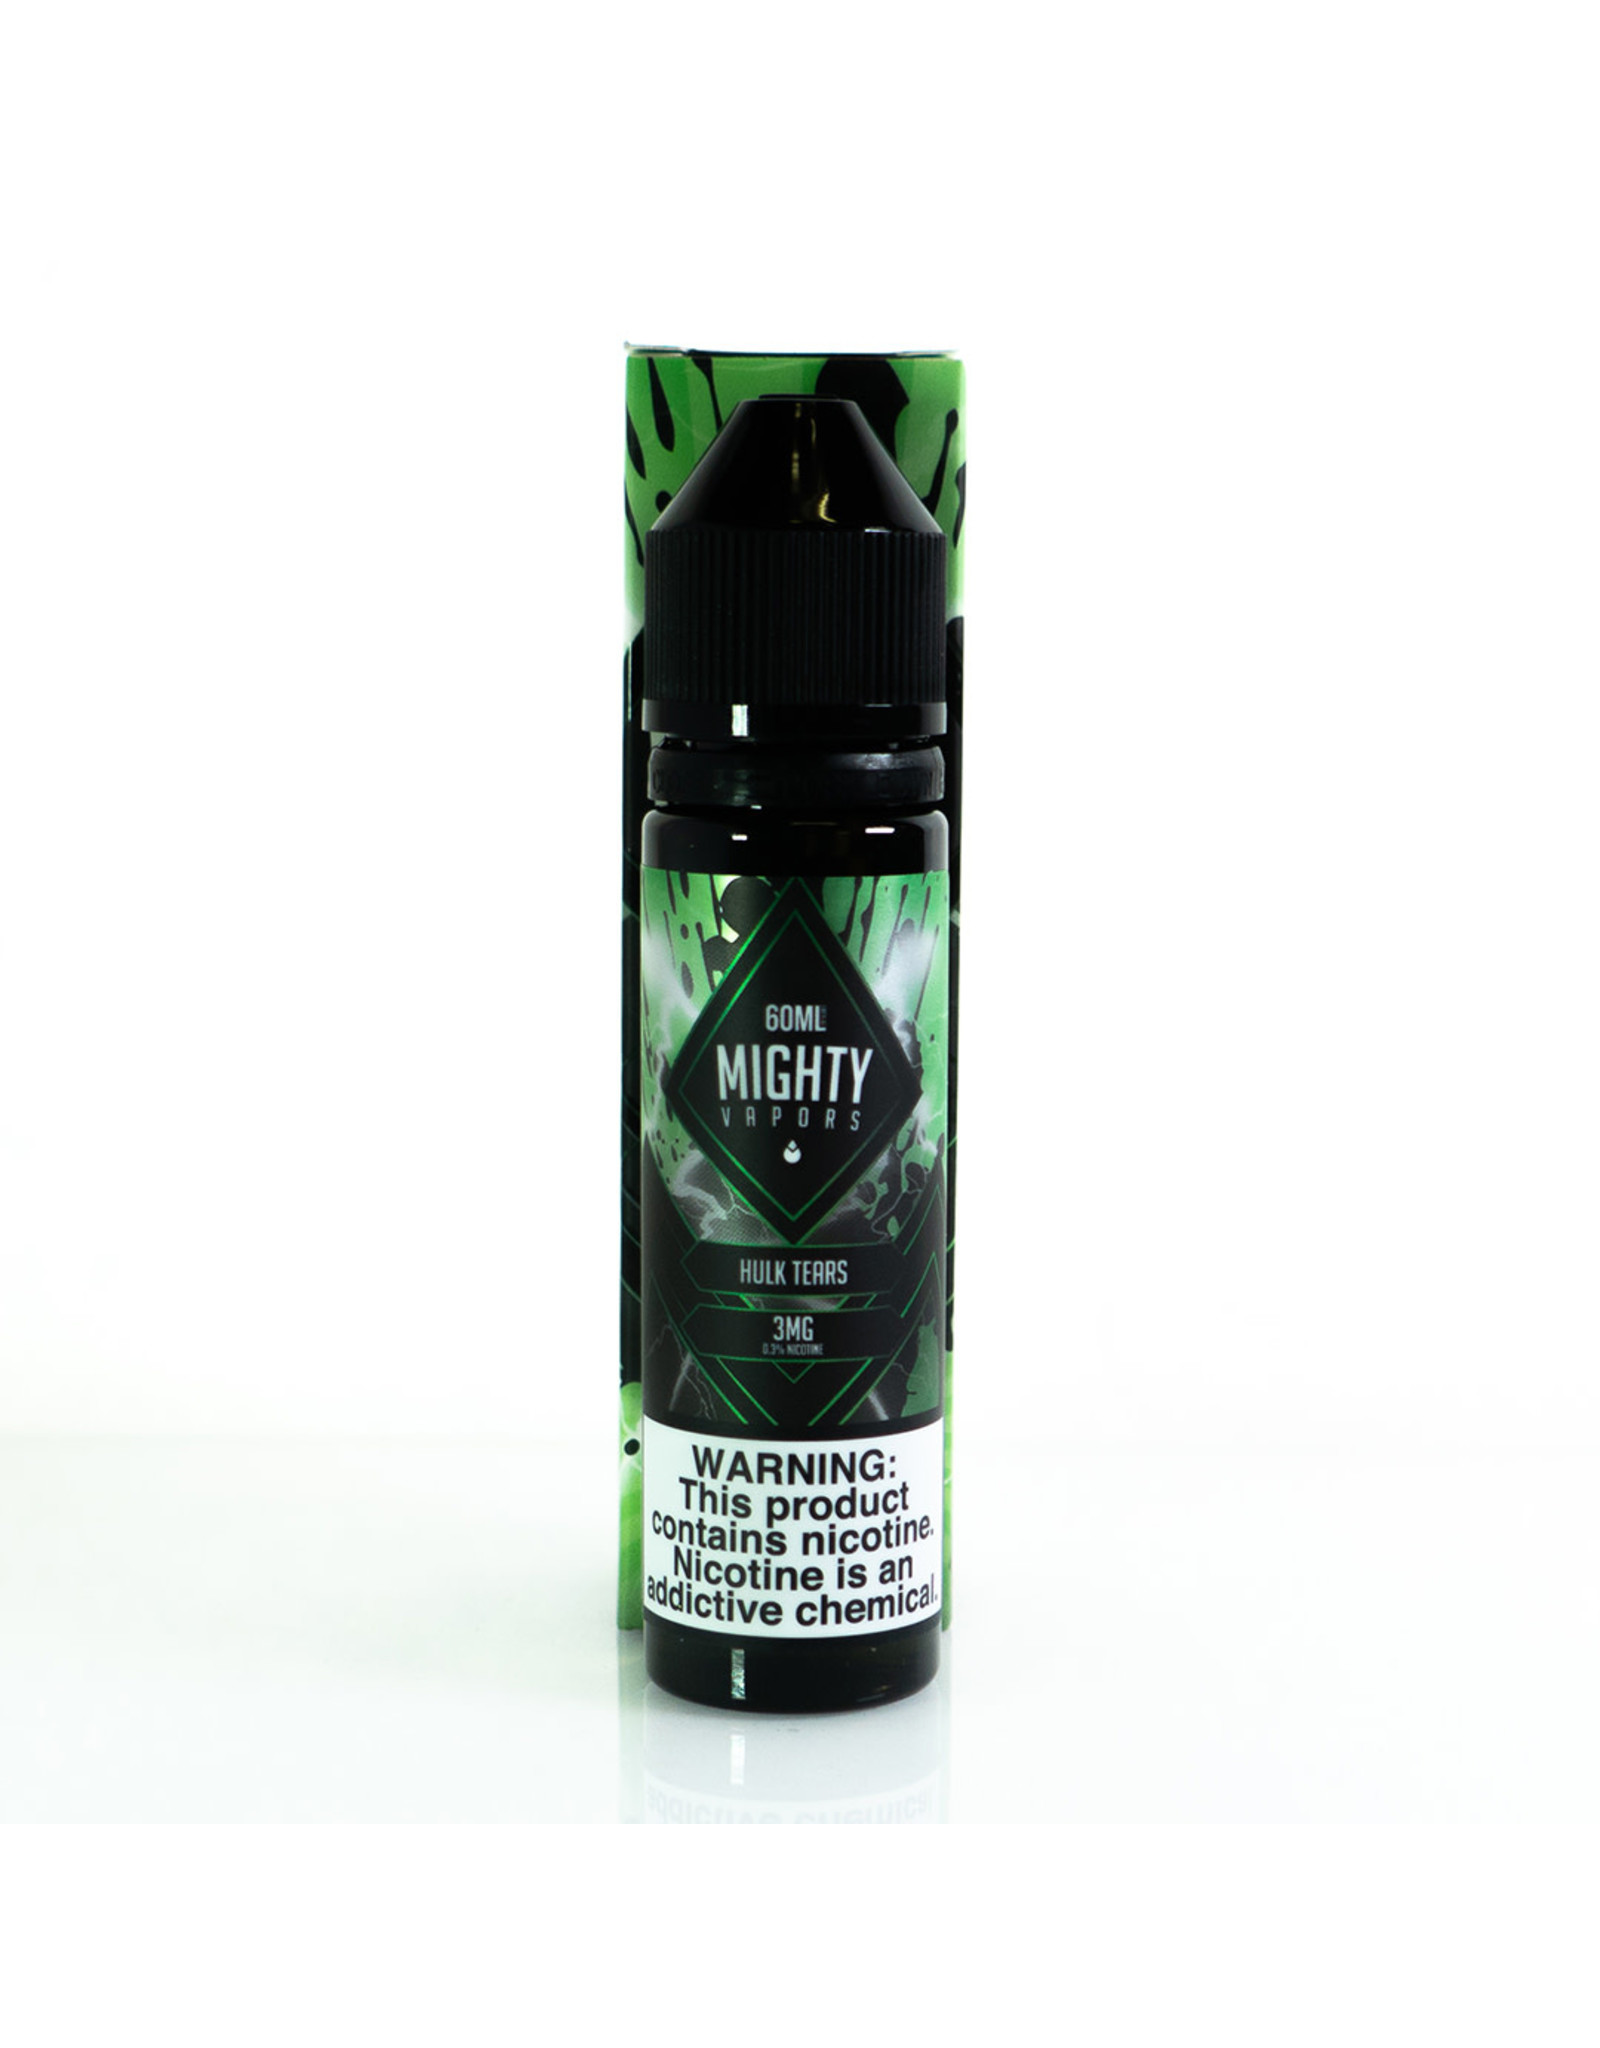 Mighty Vapors Mighty Vapors: Hulk Tears E-Liquid-